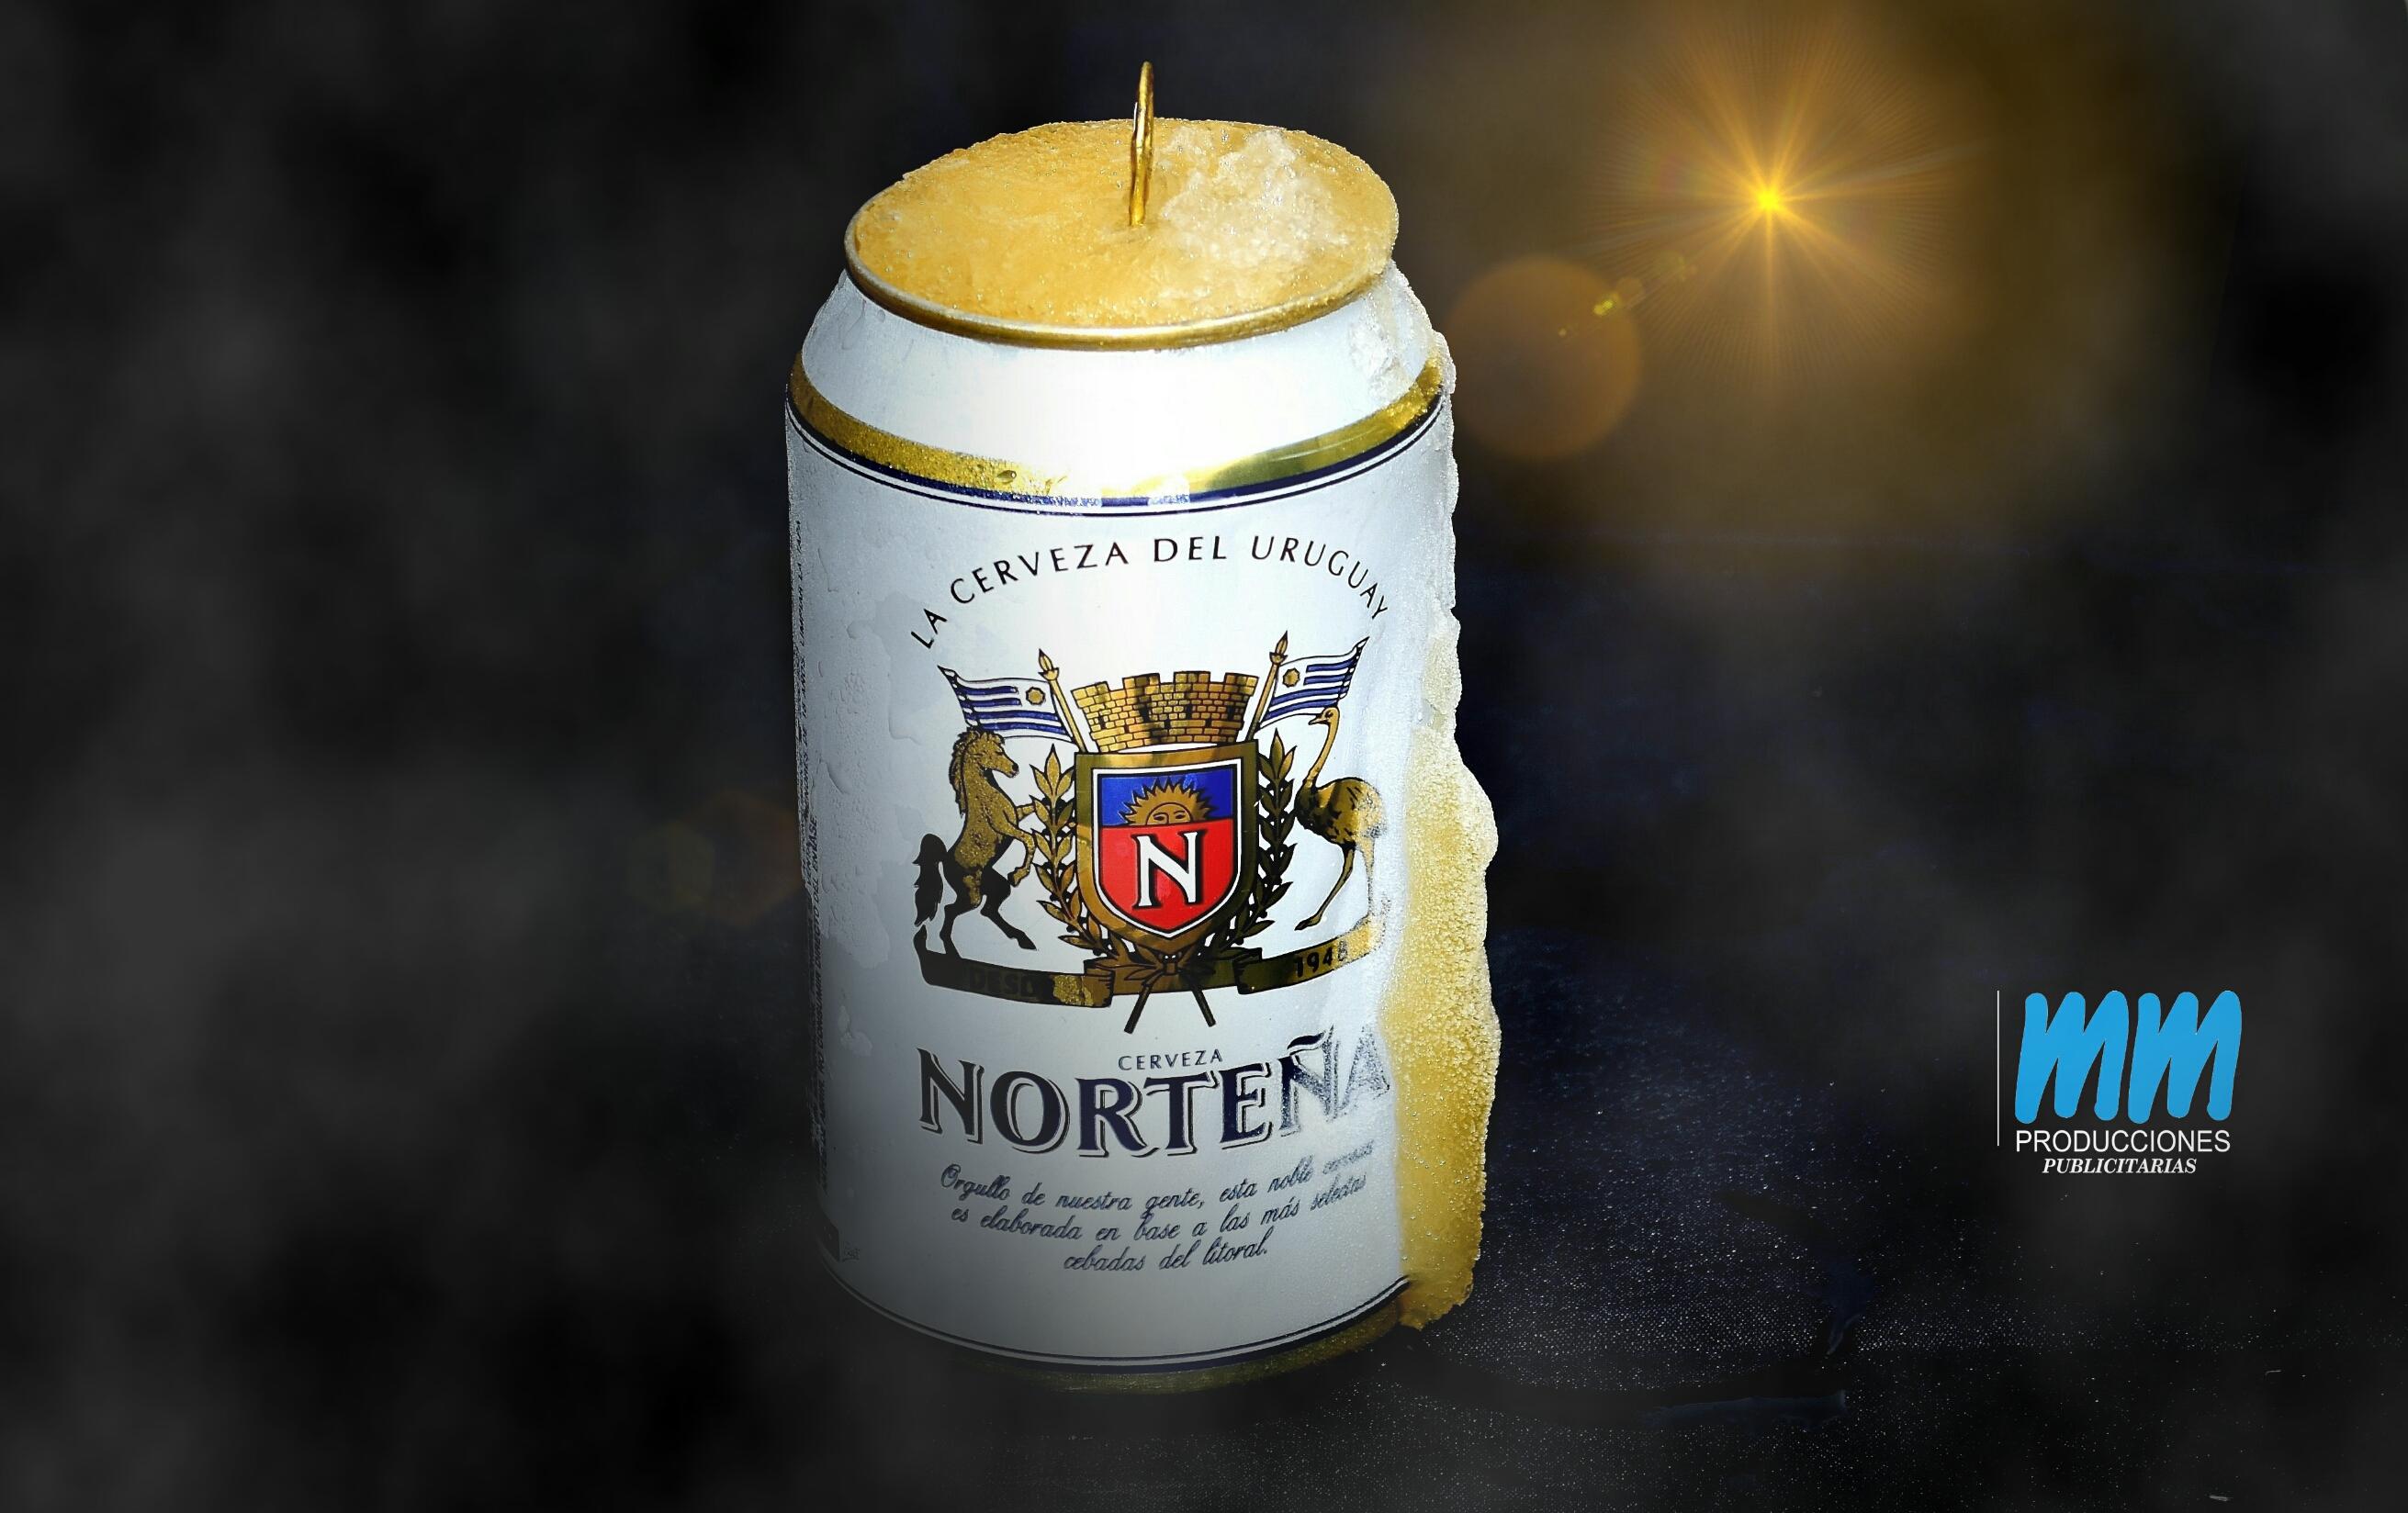 cerveza_norteña_